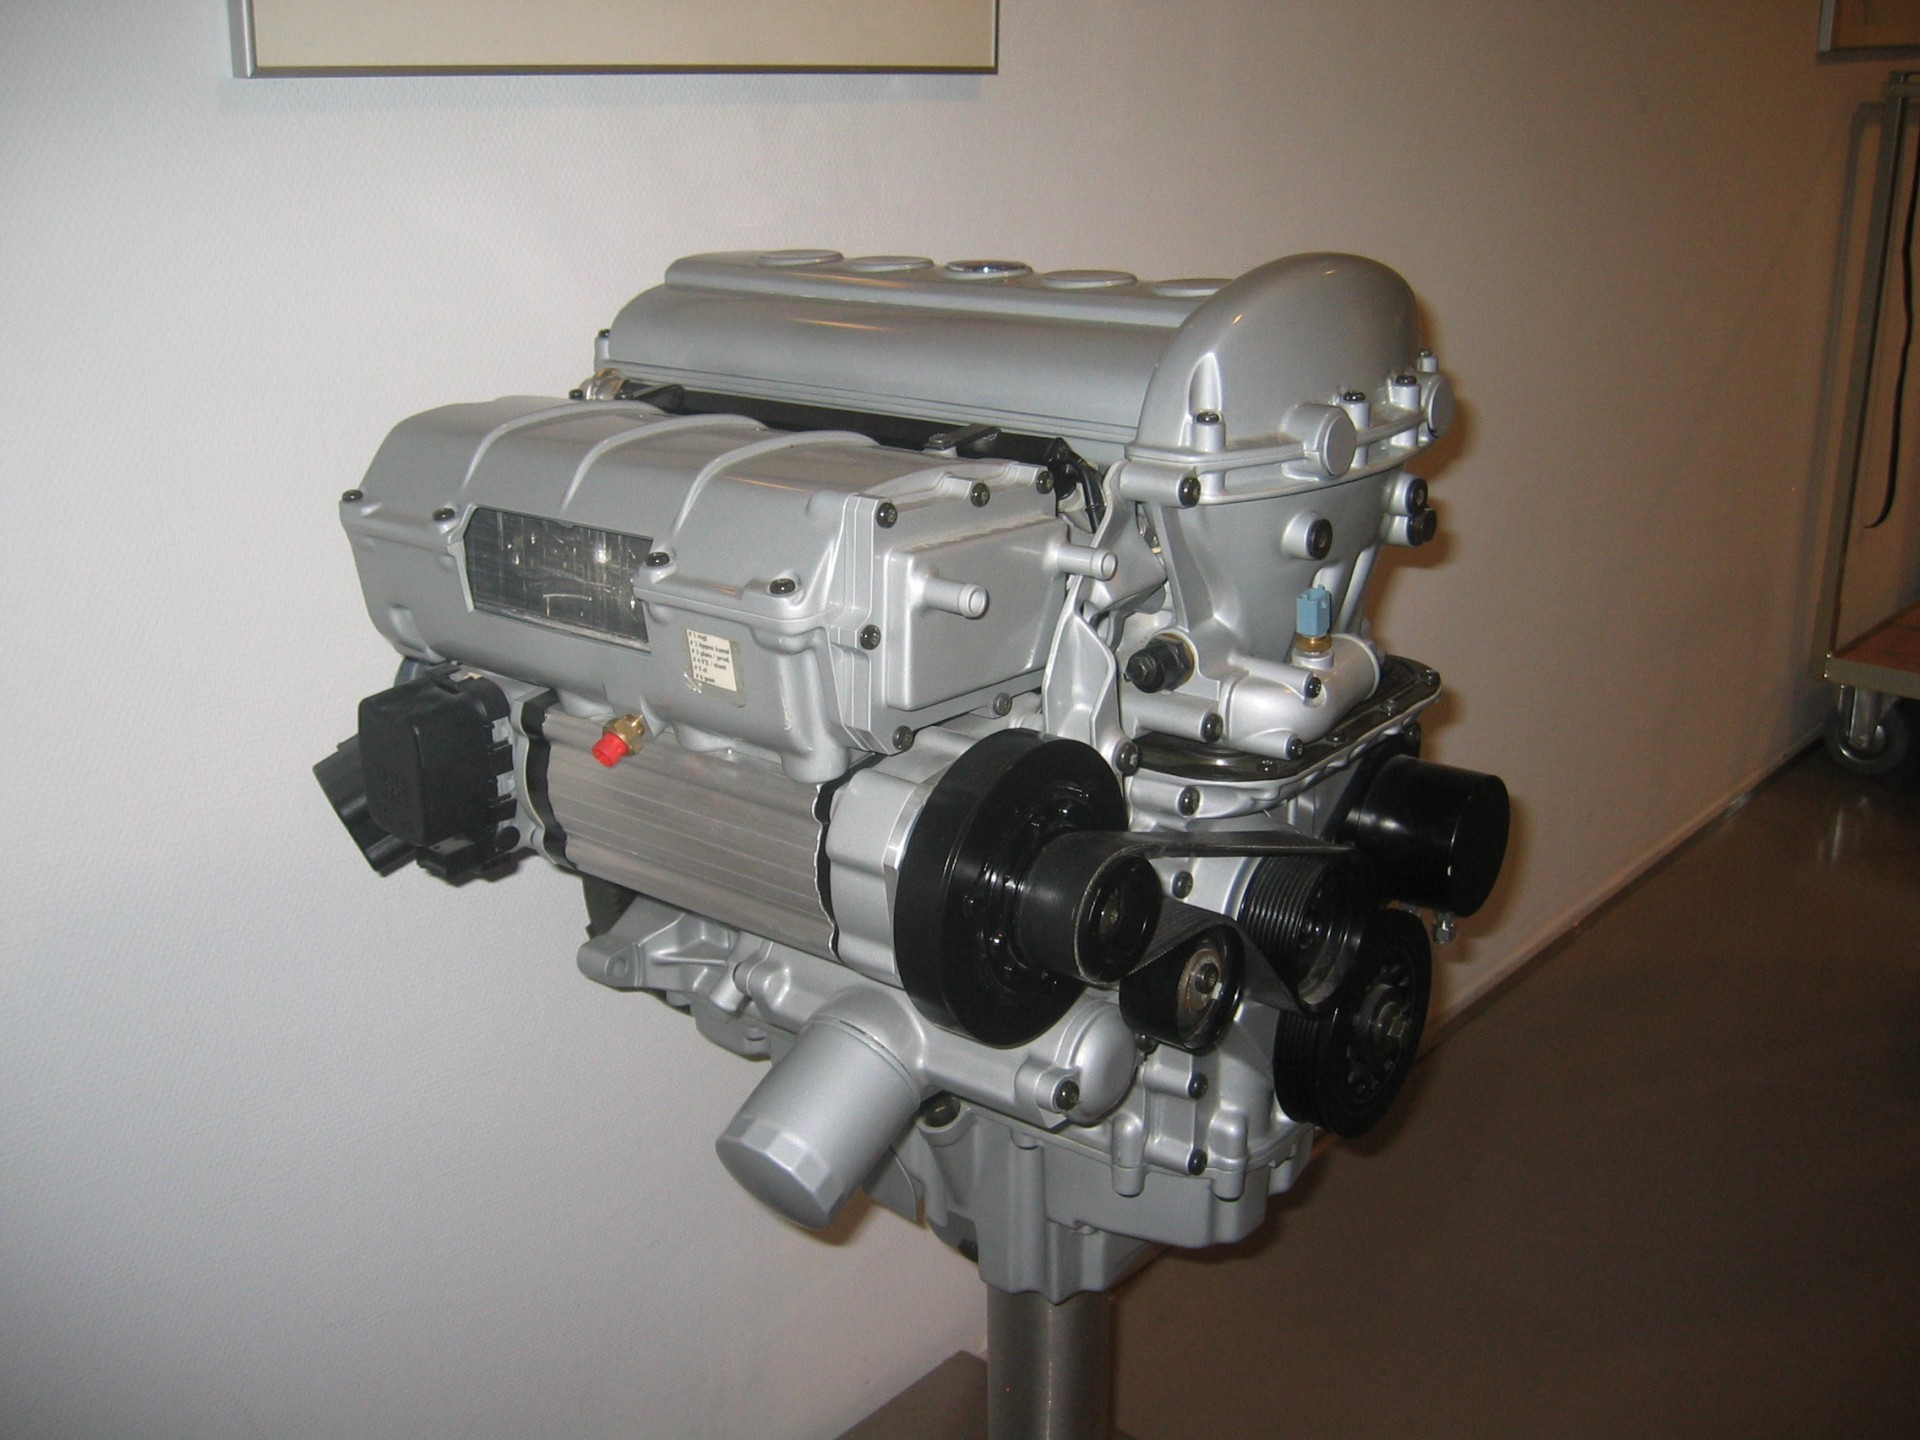 Nissan разработала ДВС с изменяемой степенью сжатия - 3